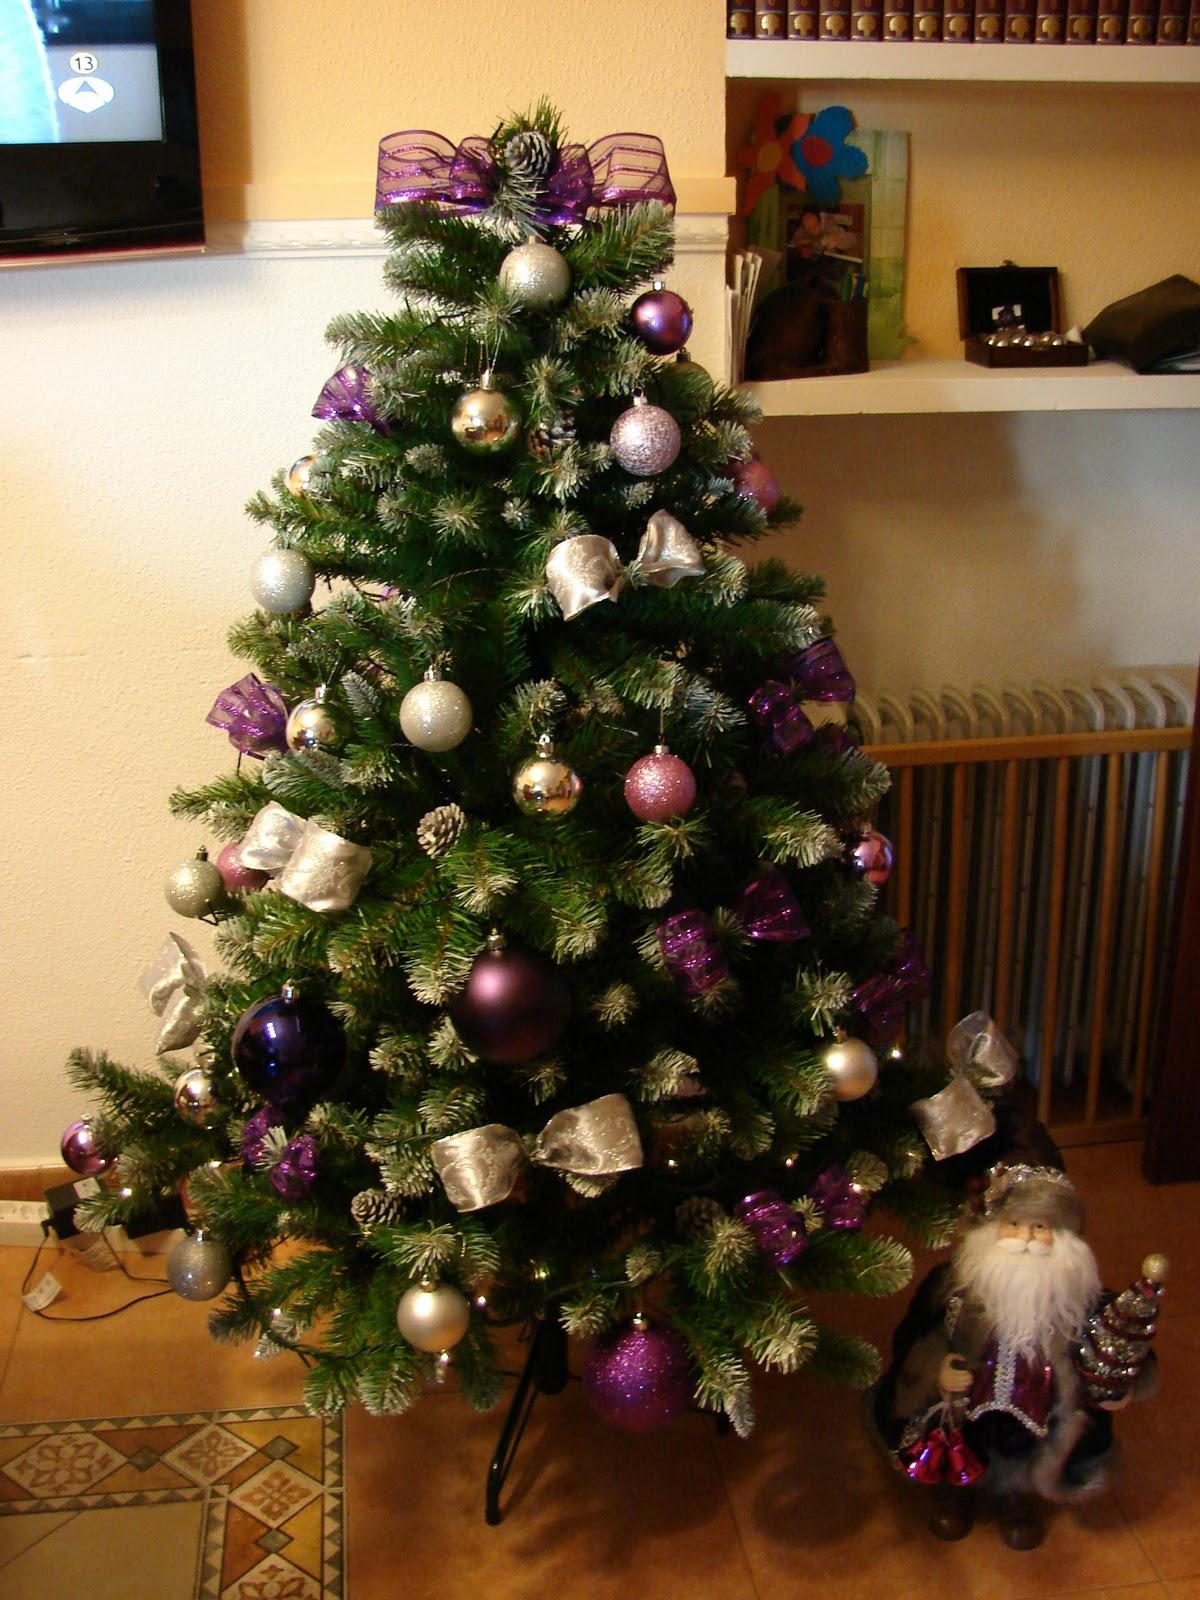 Ha llegado la navidad destreza con la belleza - Arboles de navidad decorados 2013 ...